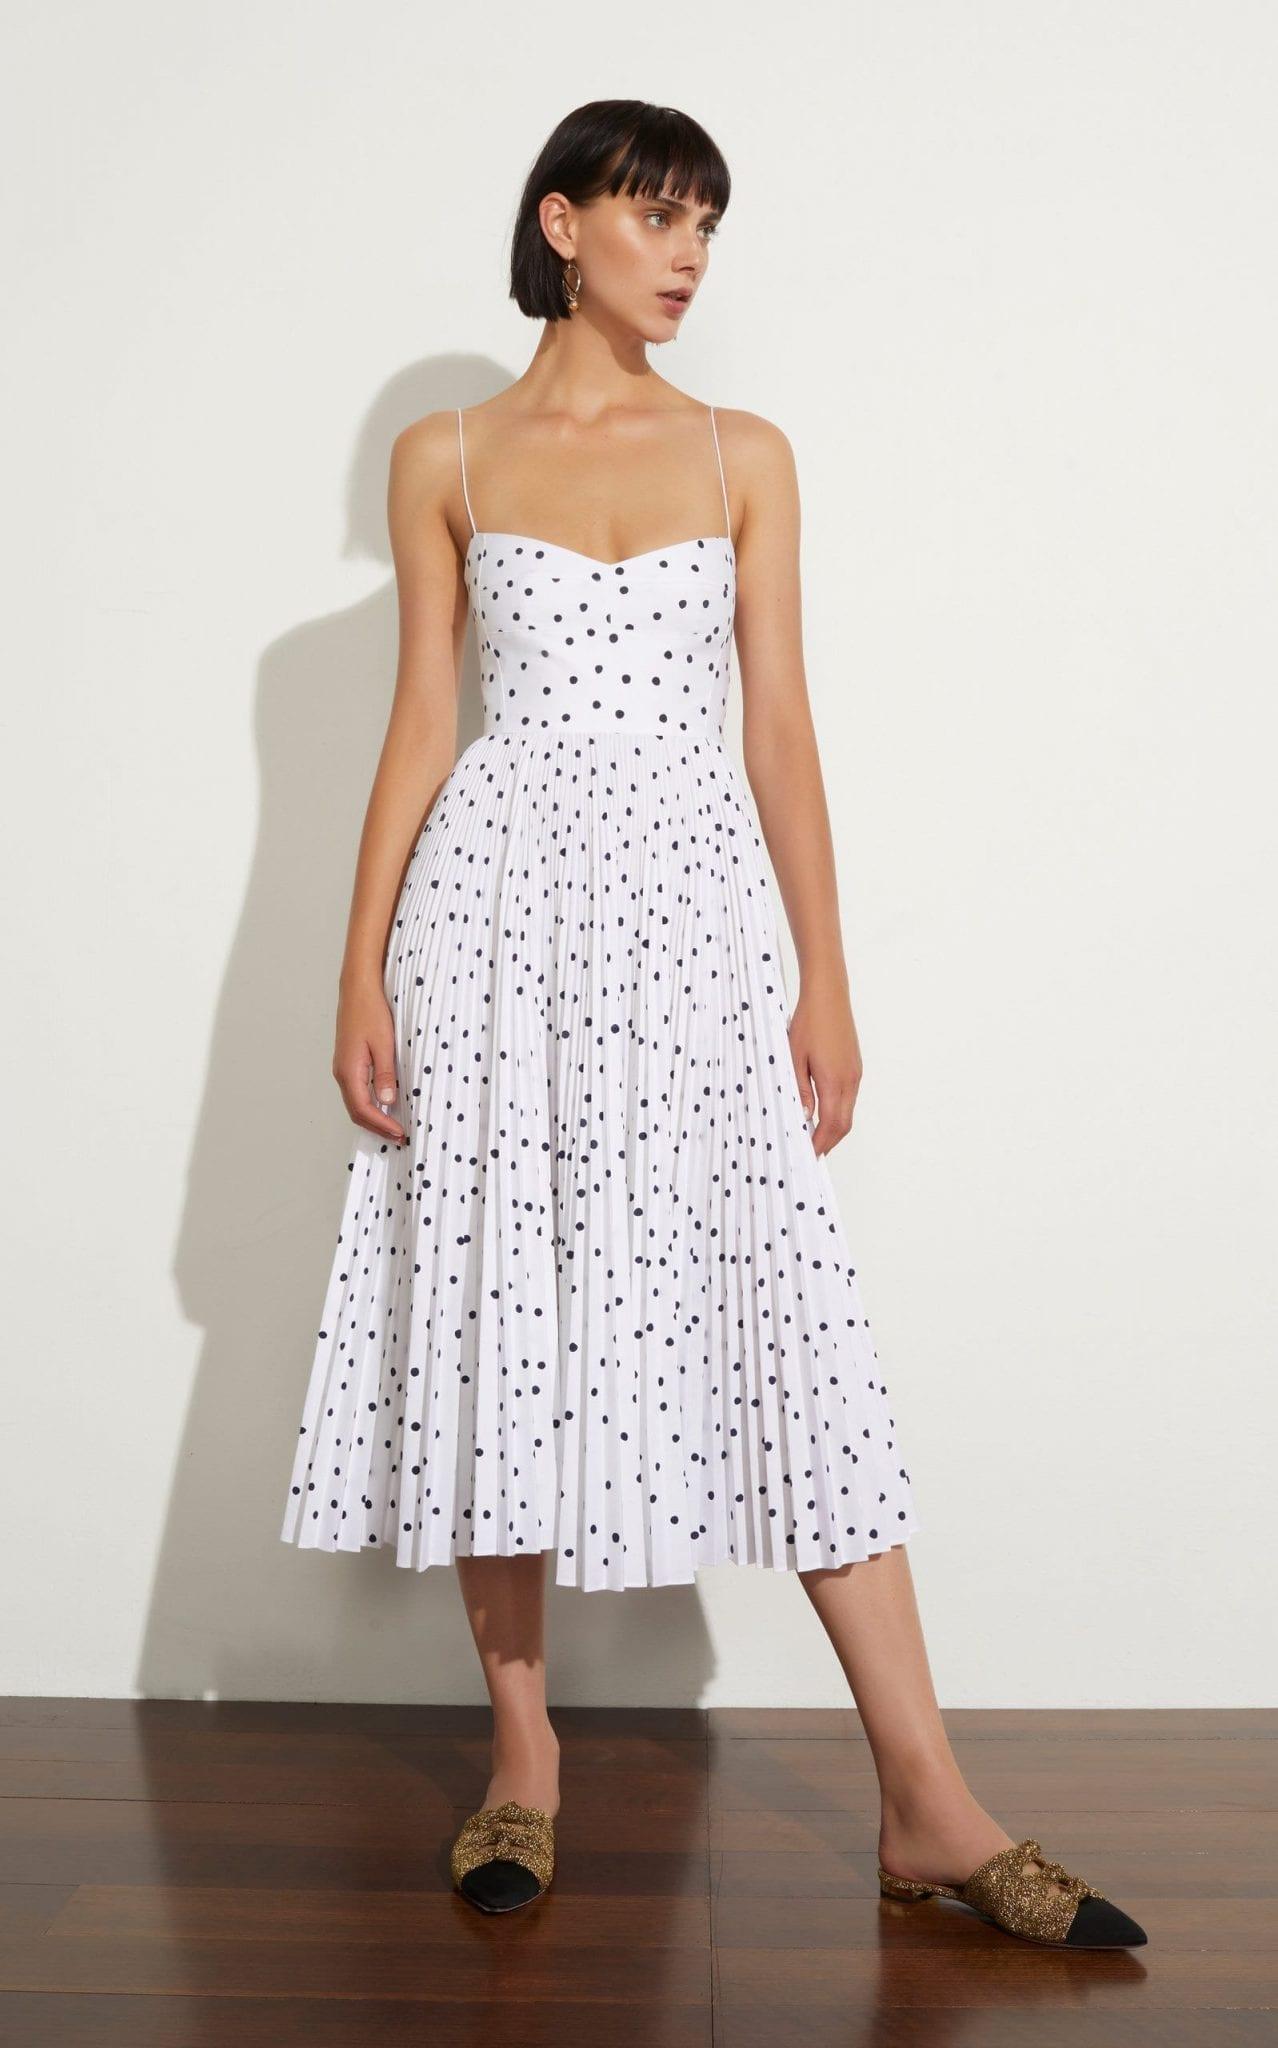 KHAITE Pamela Polka-Dot Flocked Cotton White Dress